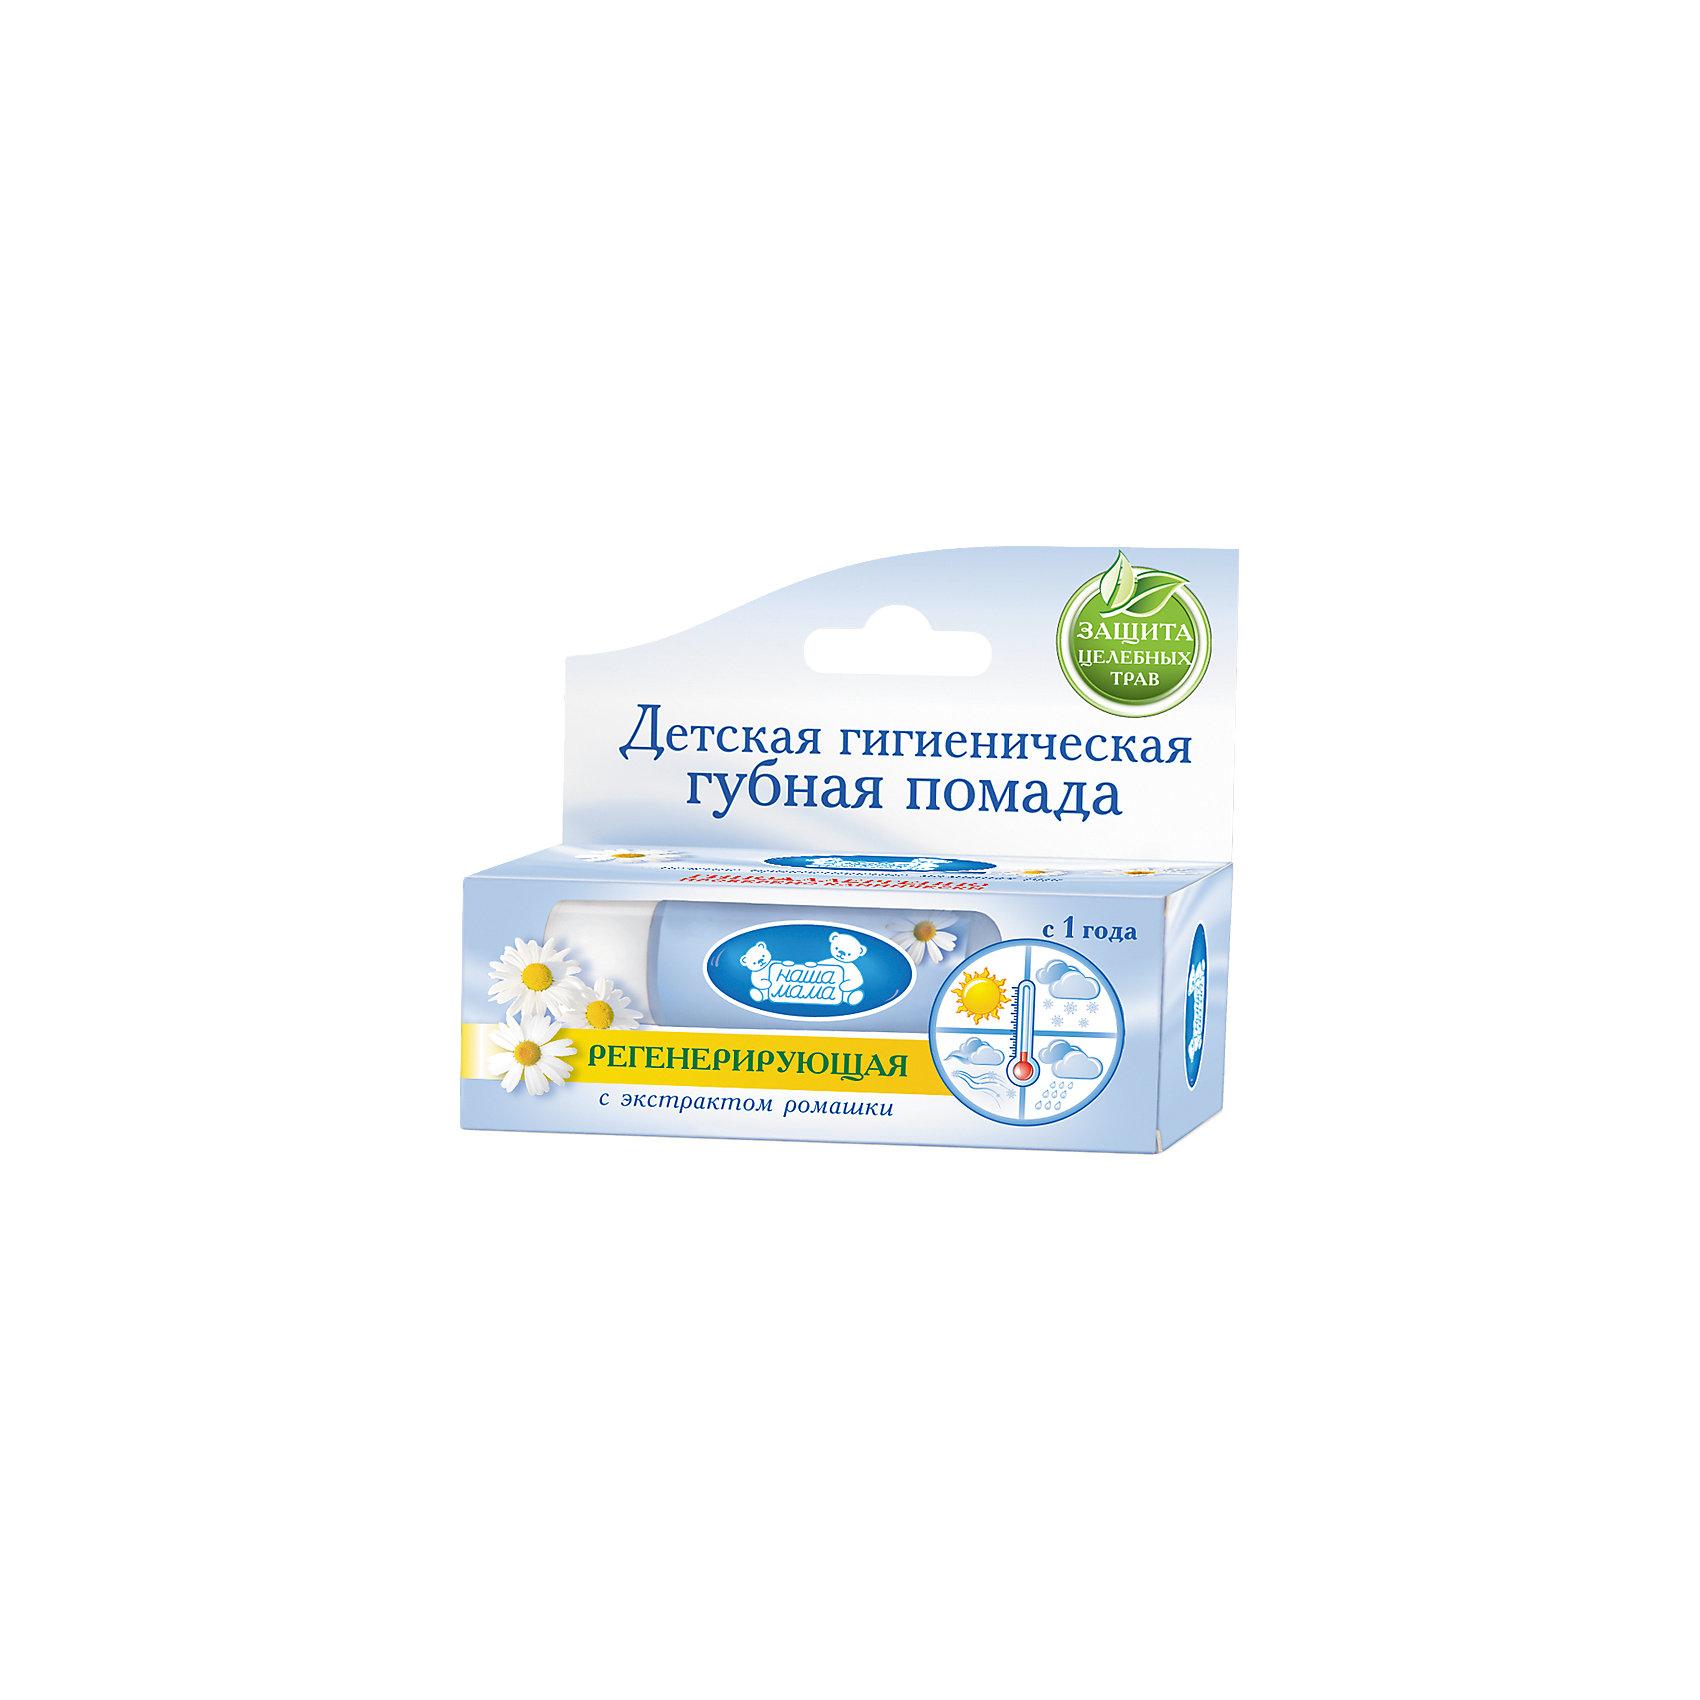 Гигиеническая губная помада с экстрактом ромашки, Наша Мама